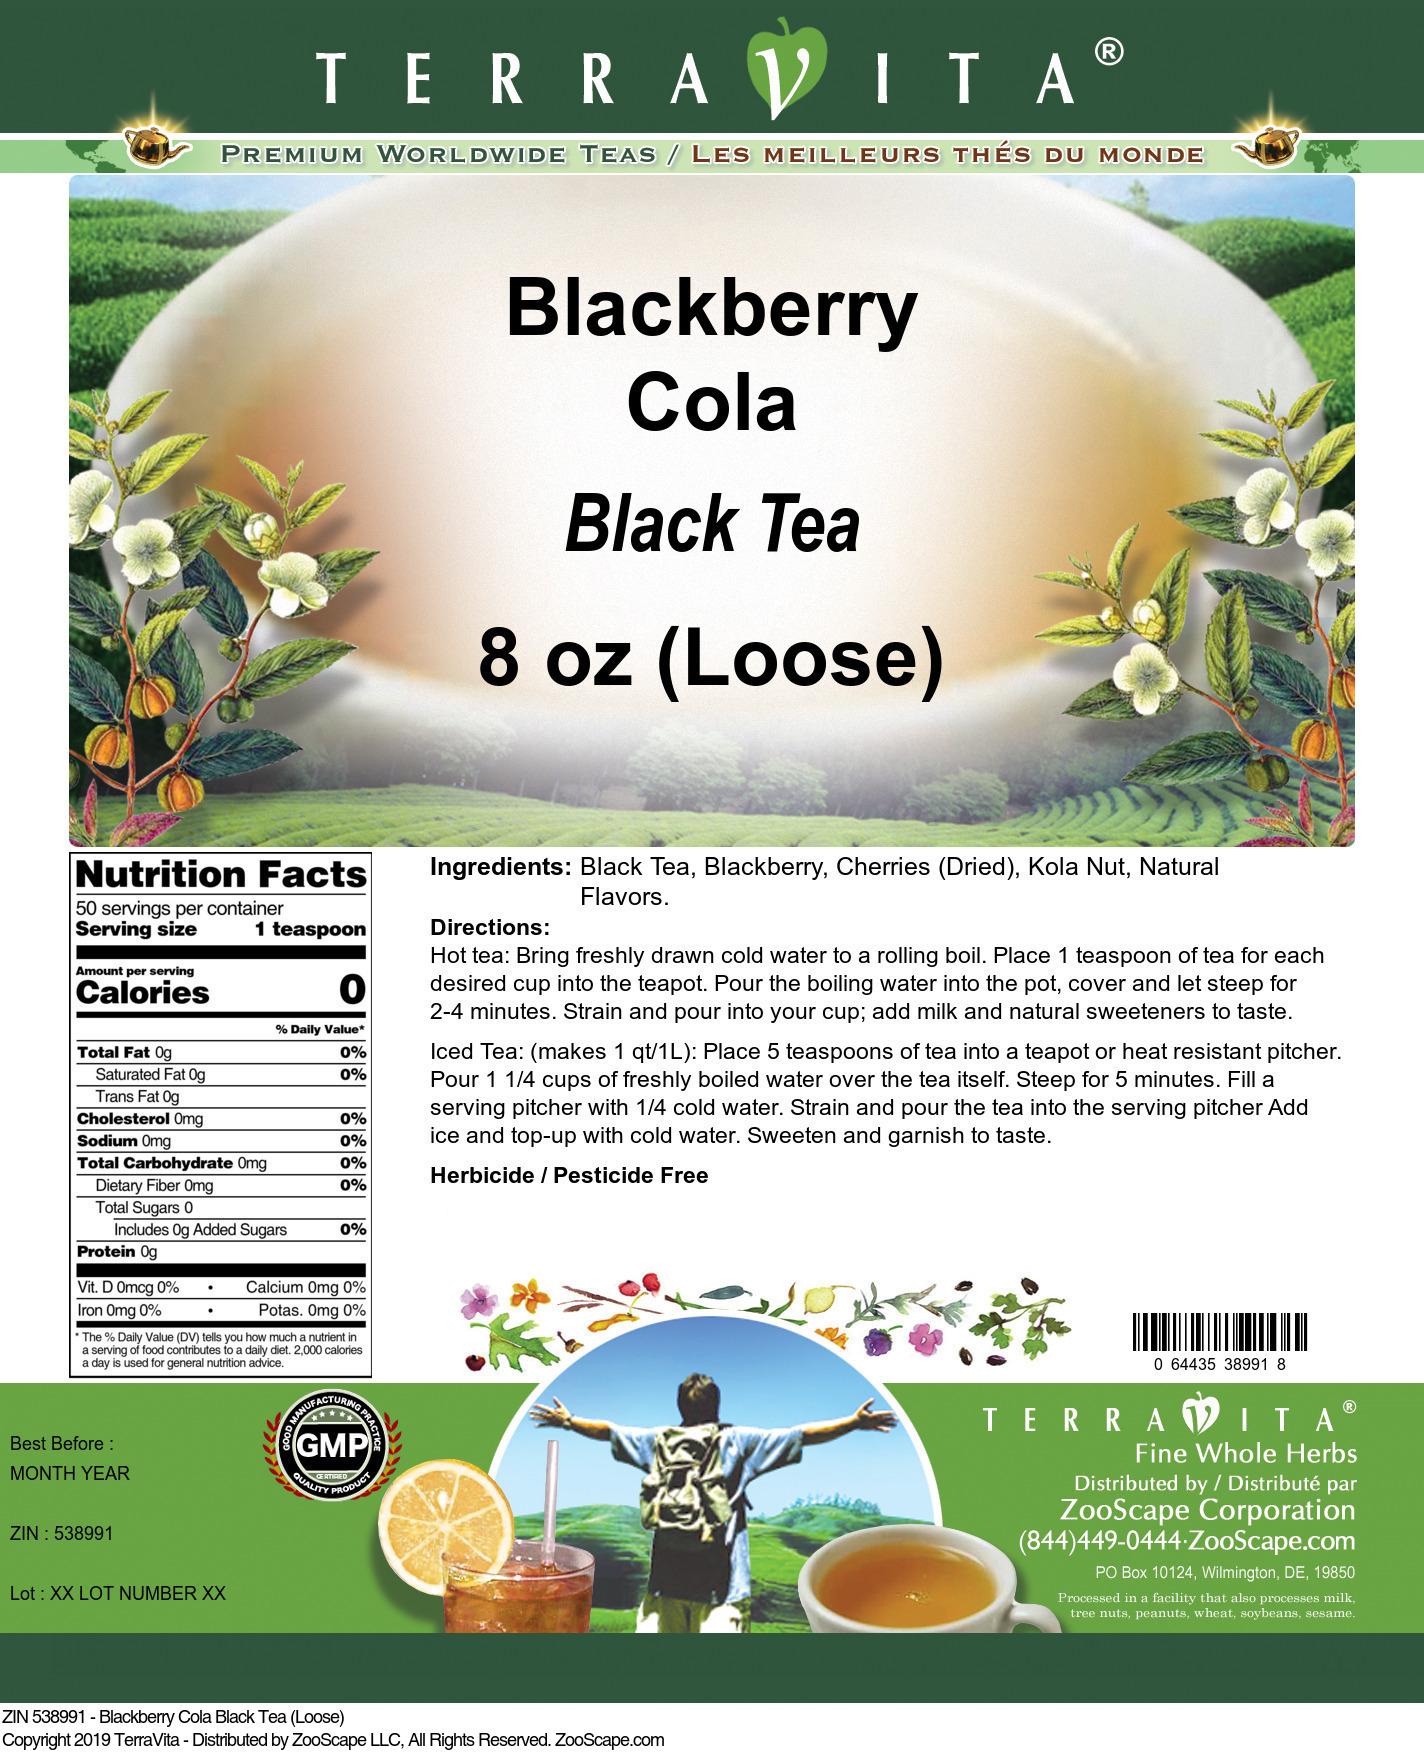 Blackberry Cola Black Tea (Loose)